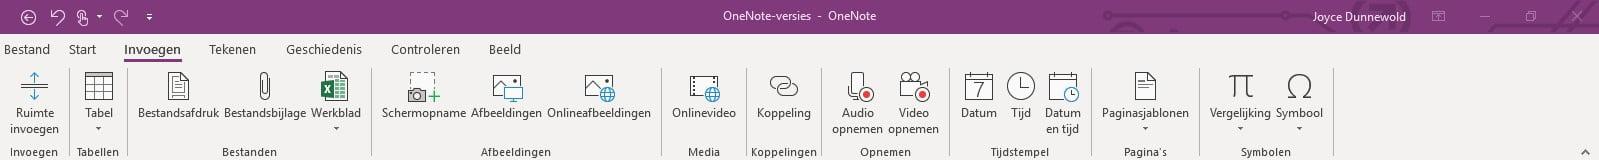 OneNote_versie 2016_Haal meer uit Office